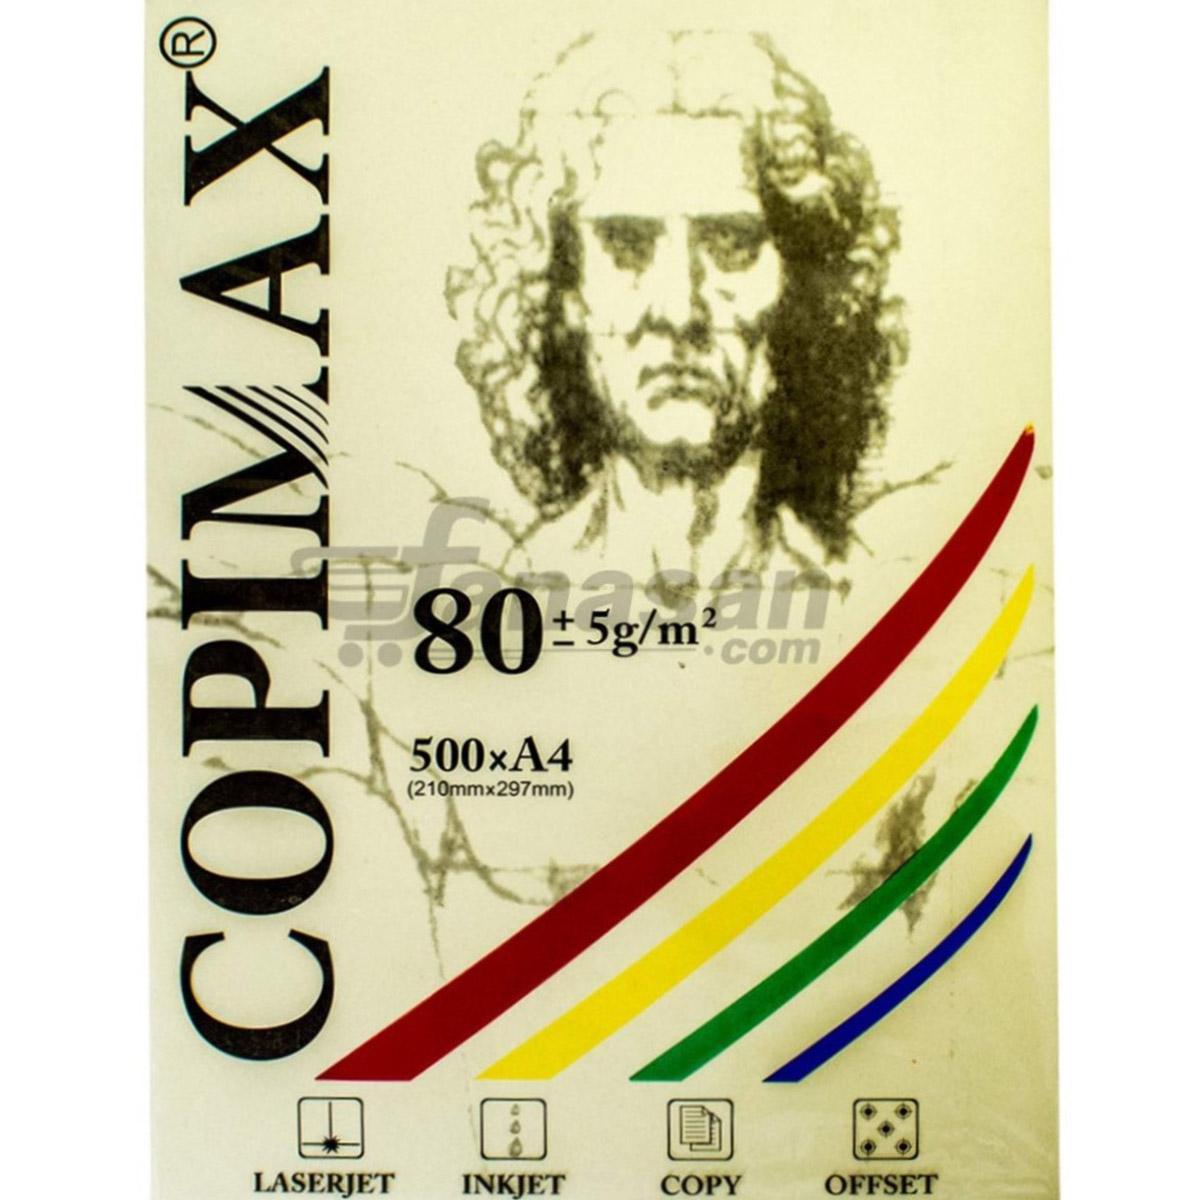 قیمت خرید کاغذ رنگی A4 کپی مکس کد 007 بسته 500 عددی اورجینال